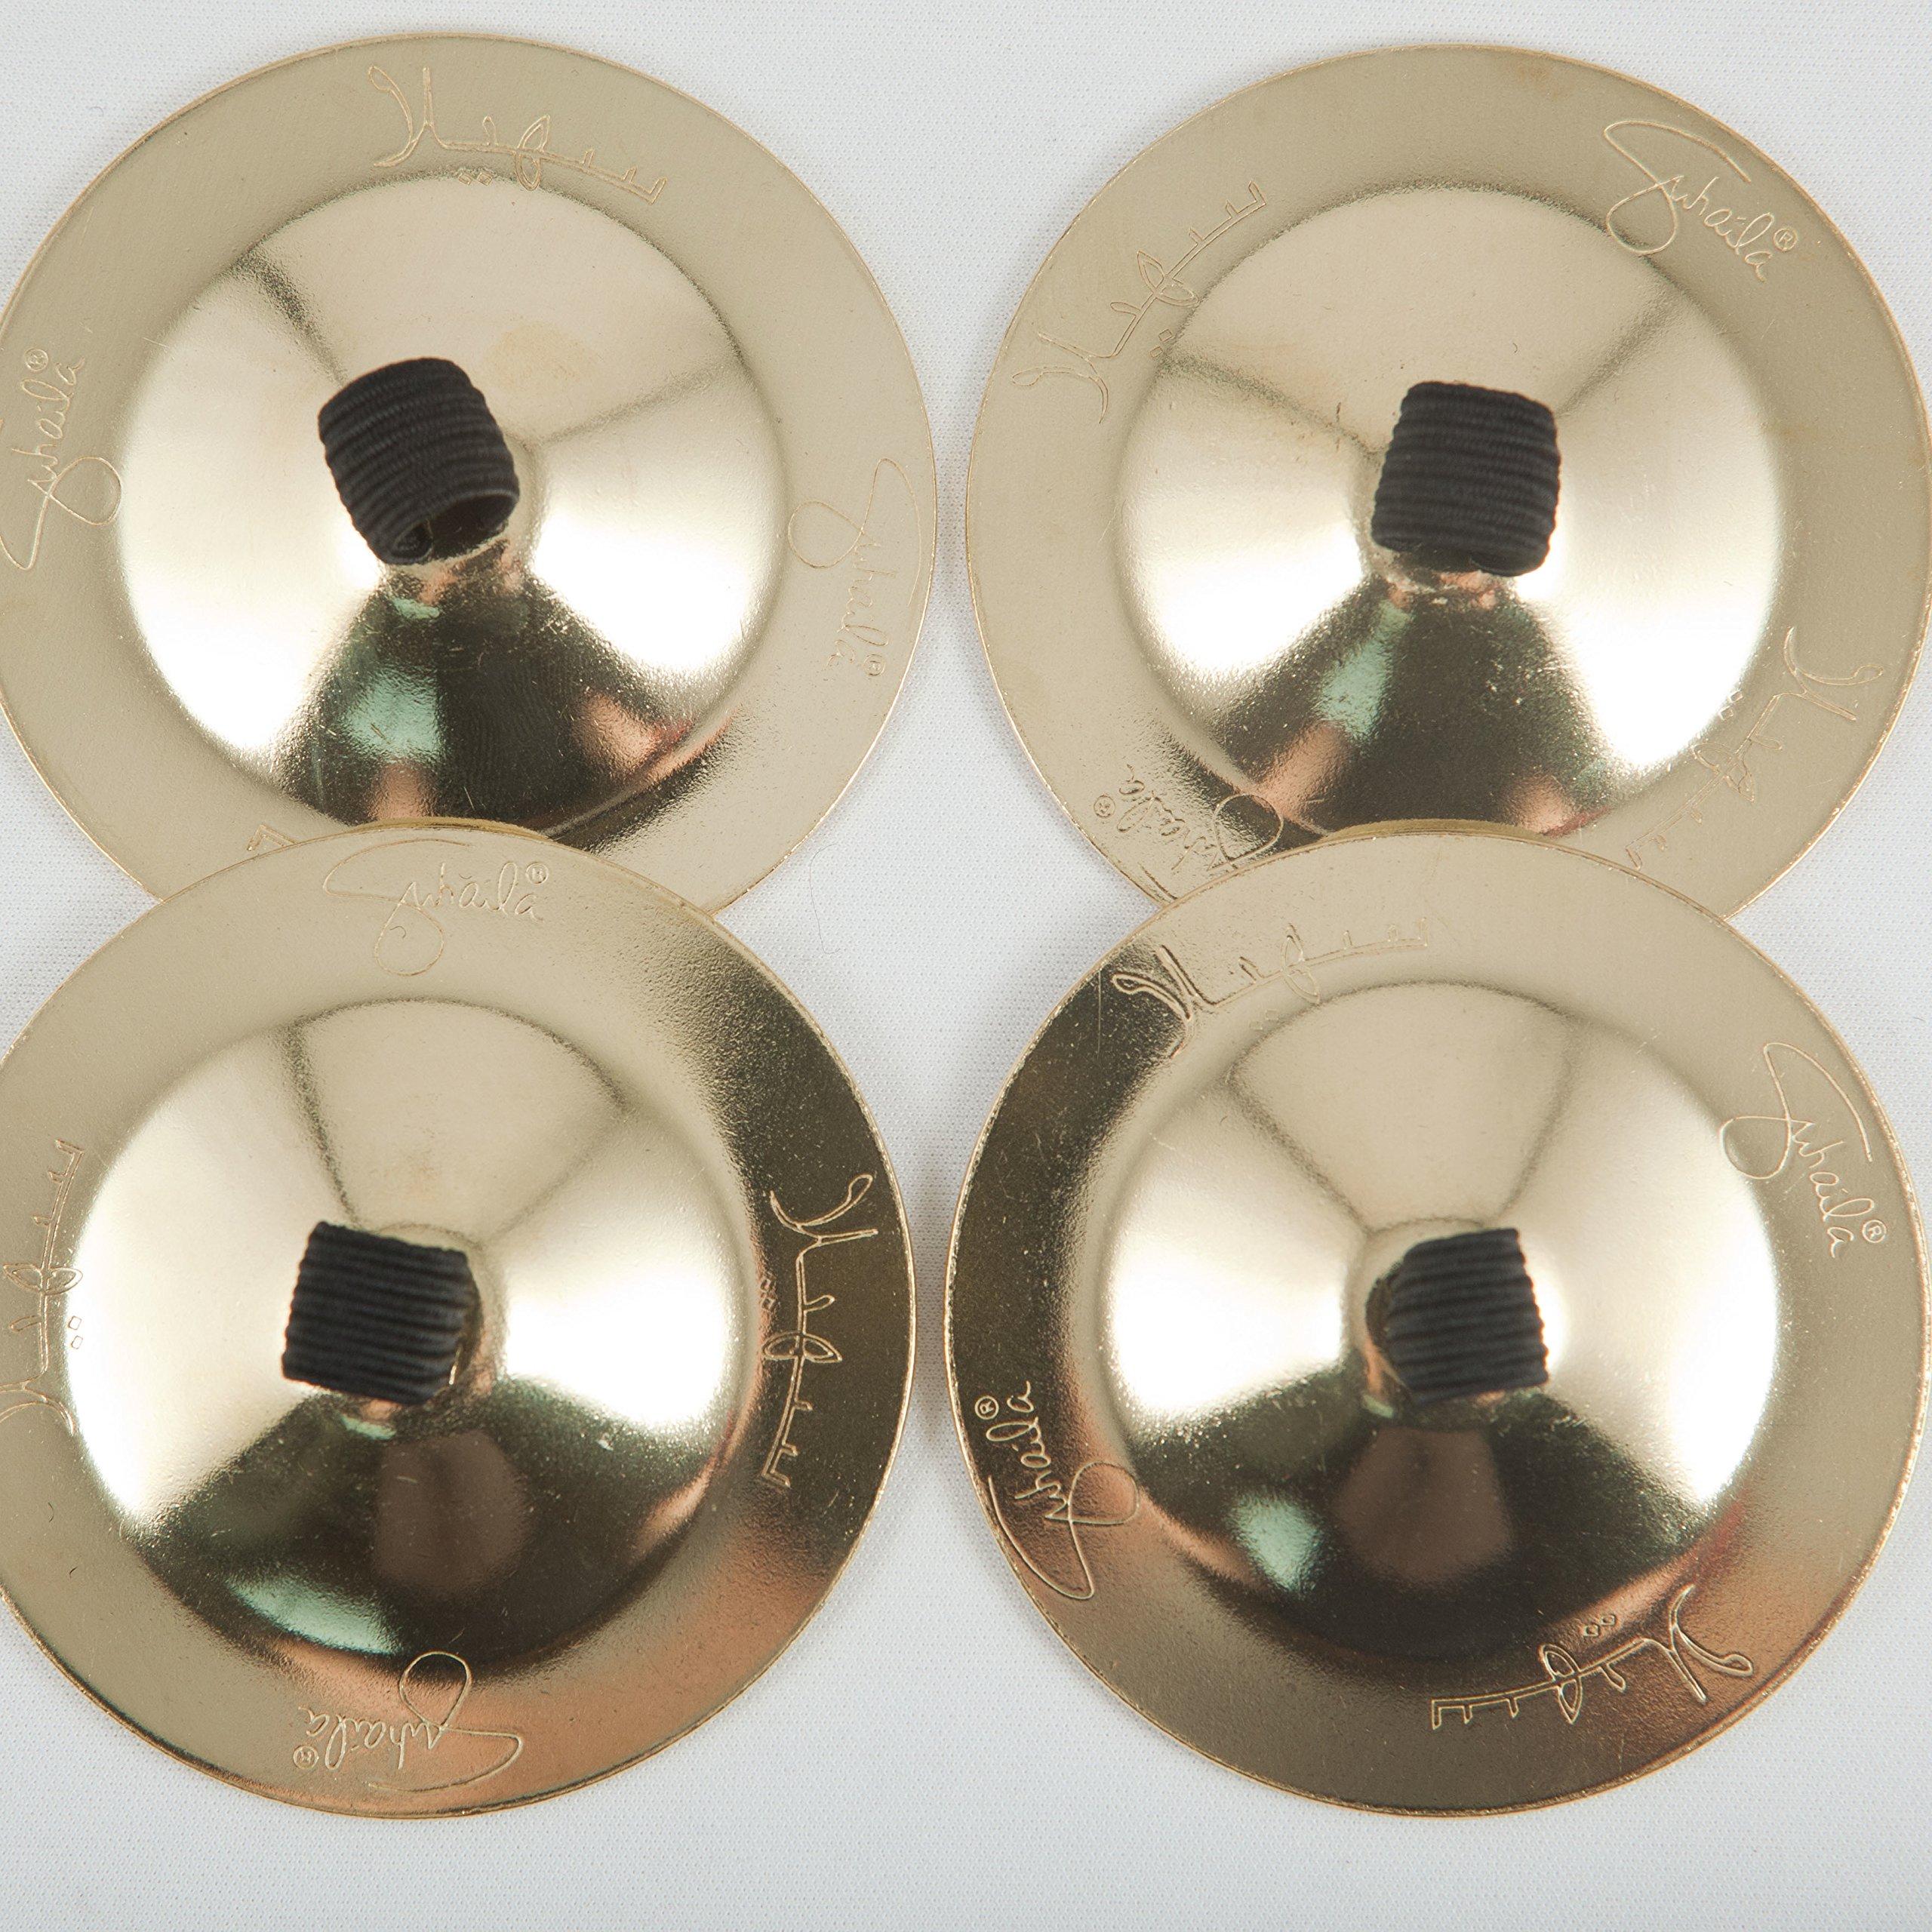 Suhaila Signature Finger Cymbals by Suhaila International